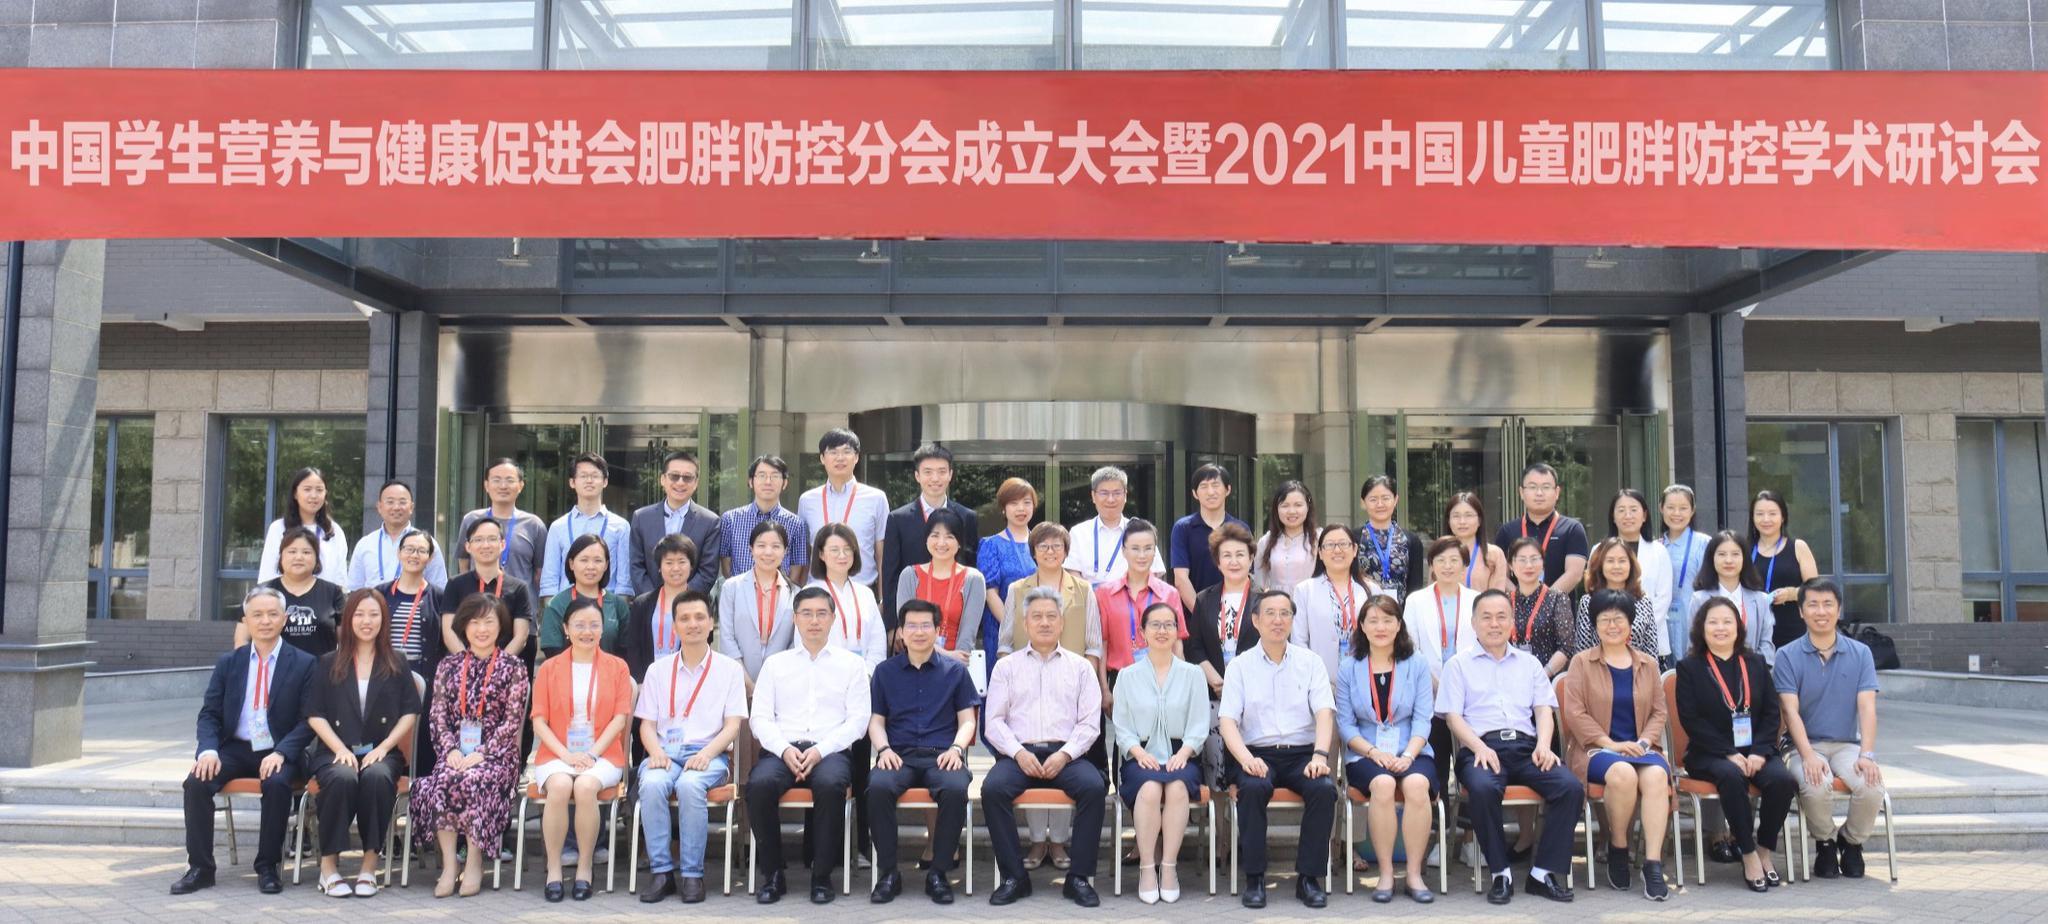 一支应对儿童肥胖问题的专业力量 中国学生营养与健康促进会肥胖防控分会成立